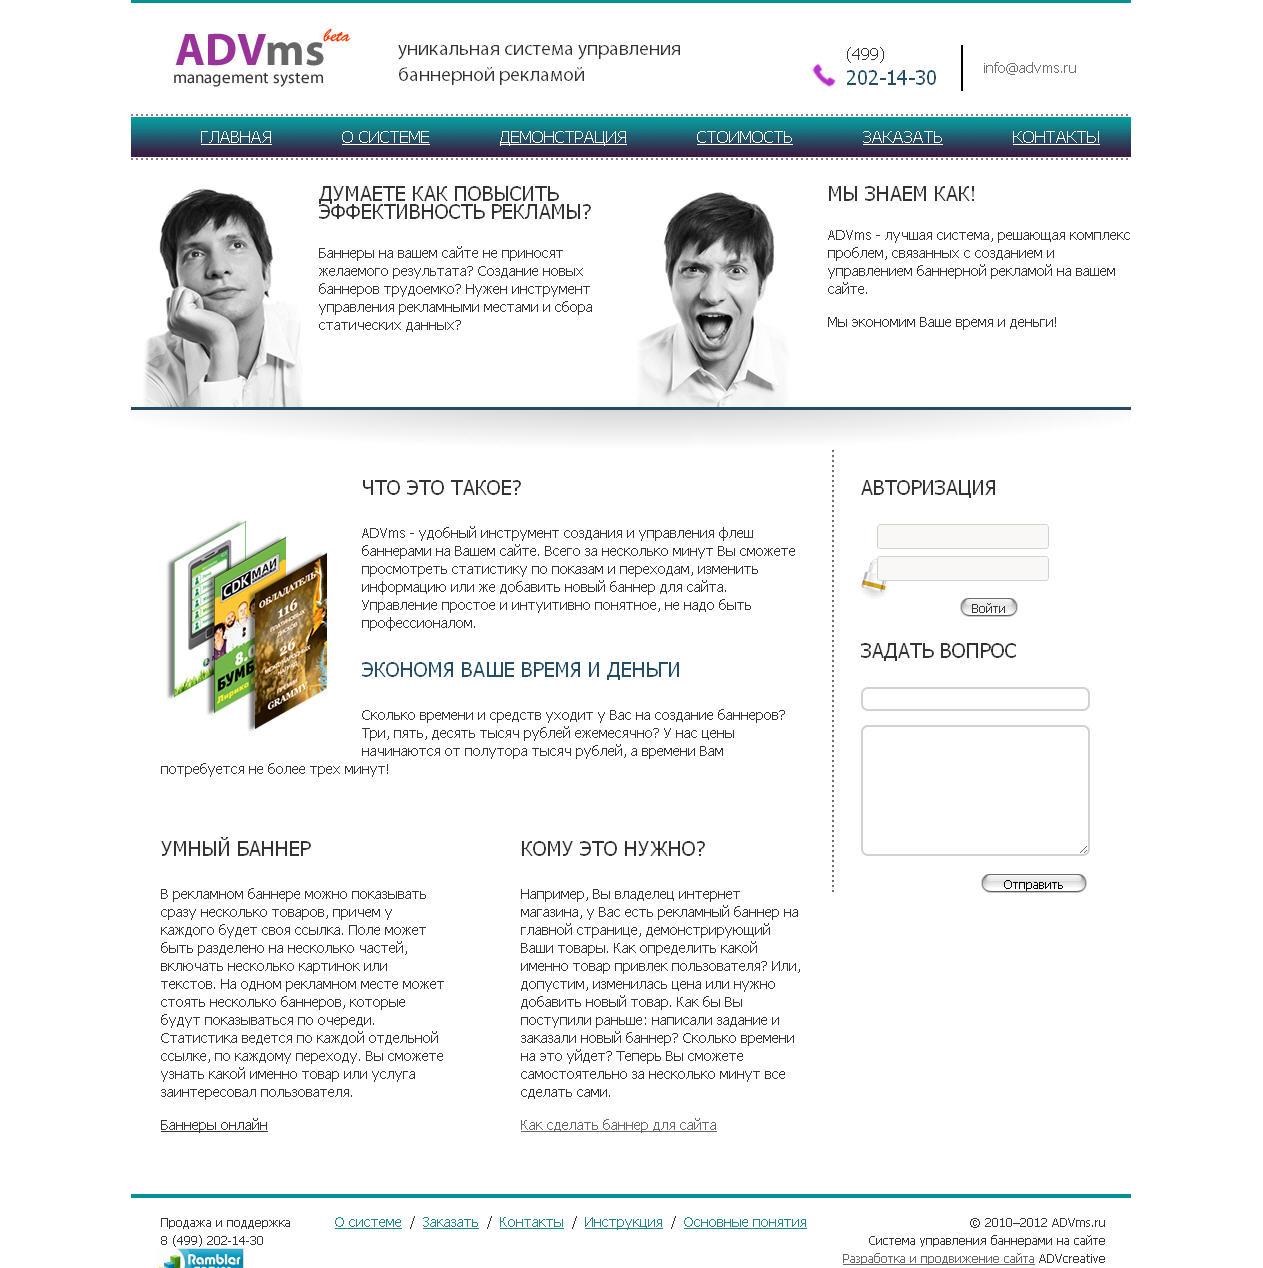 Cистема управления рекламой ADVms